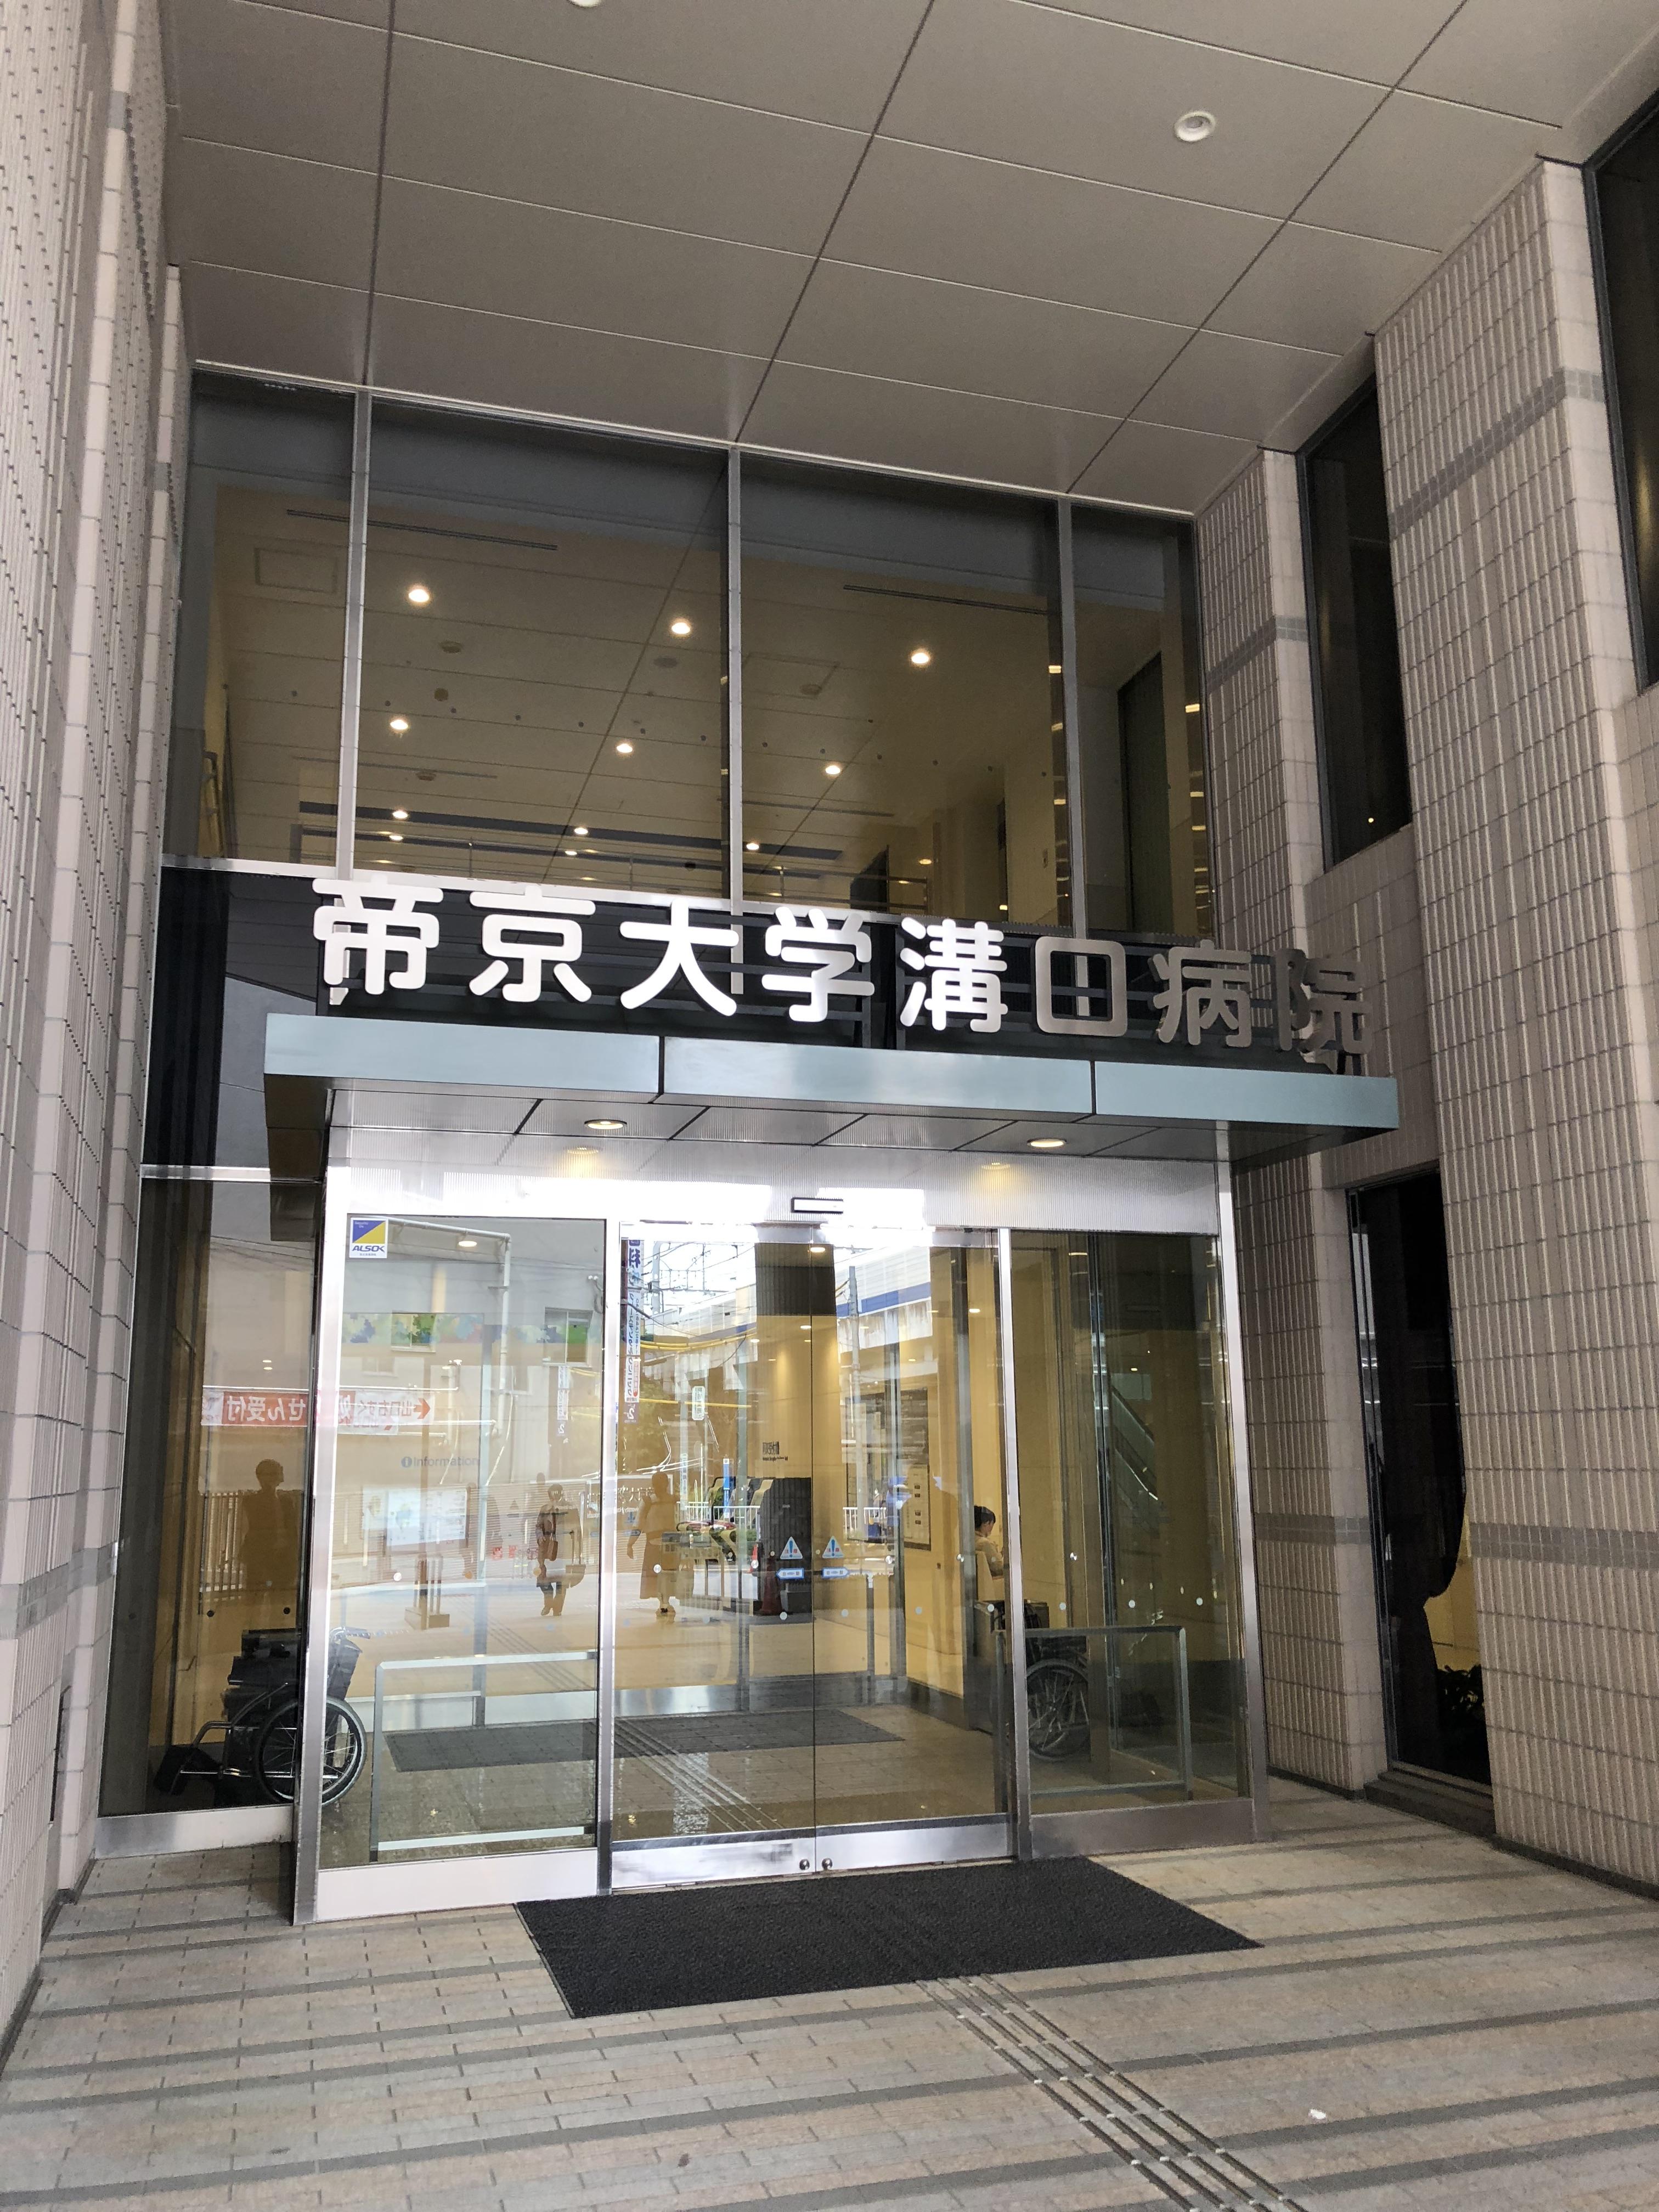 溝口 附属 大学 帝京 病院 医学部